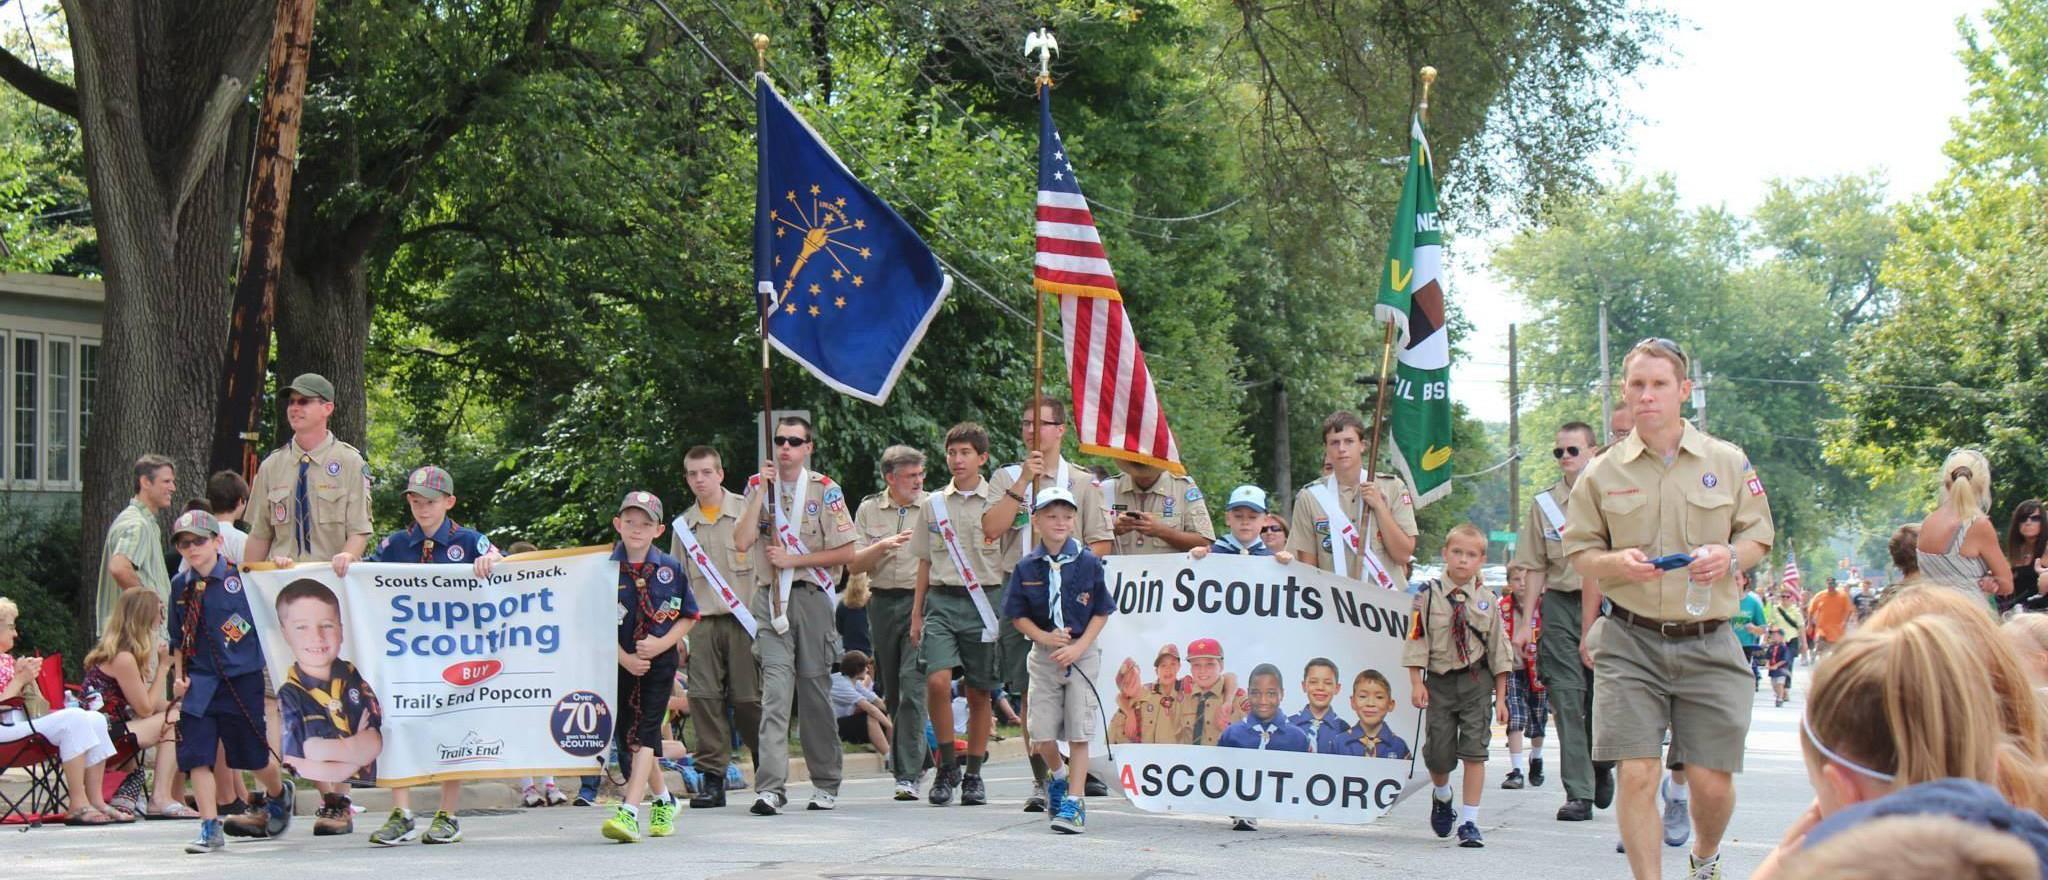 Boy Scout Earnings Stolen During Popcorn Fest